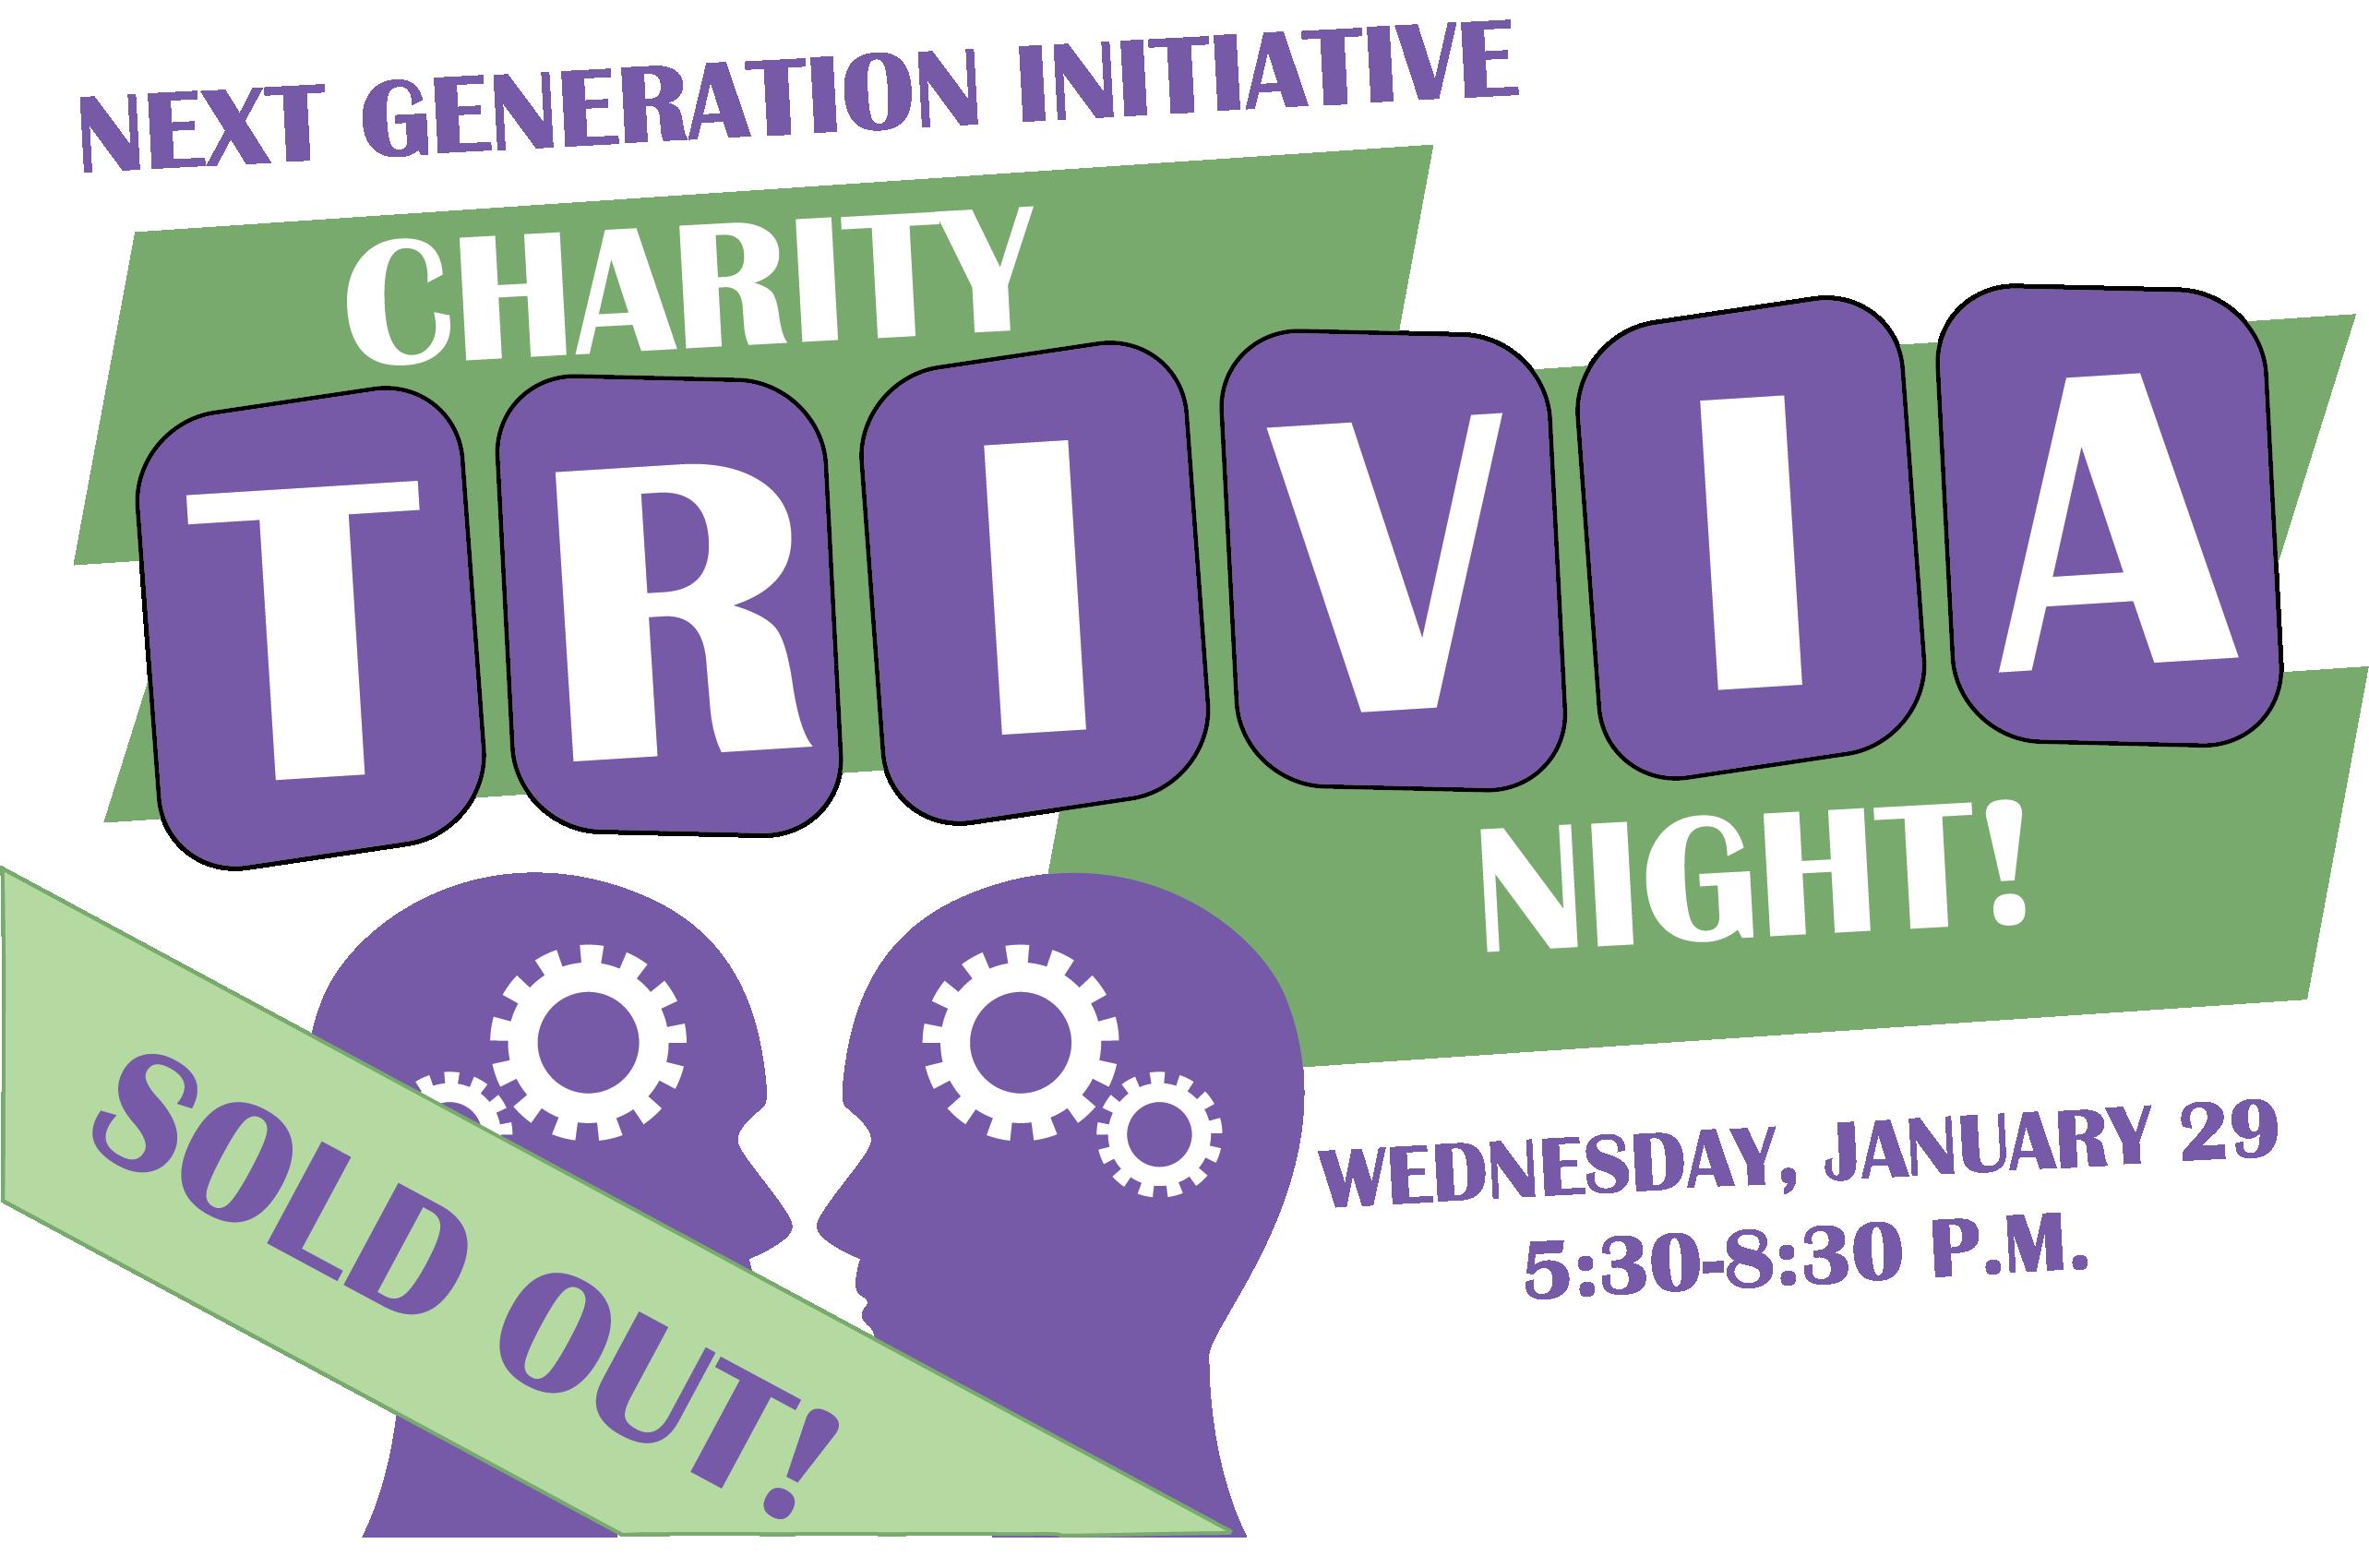 NGI Charity Trivia Night